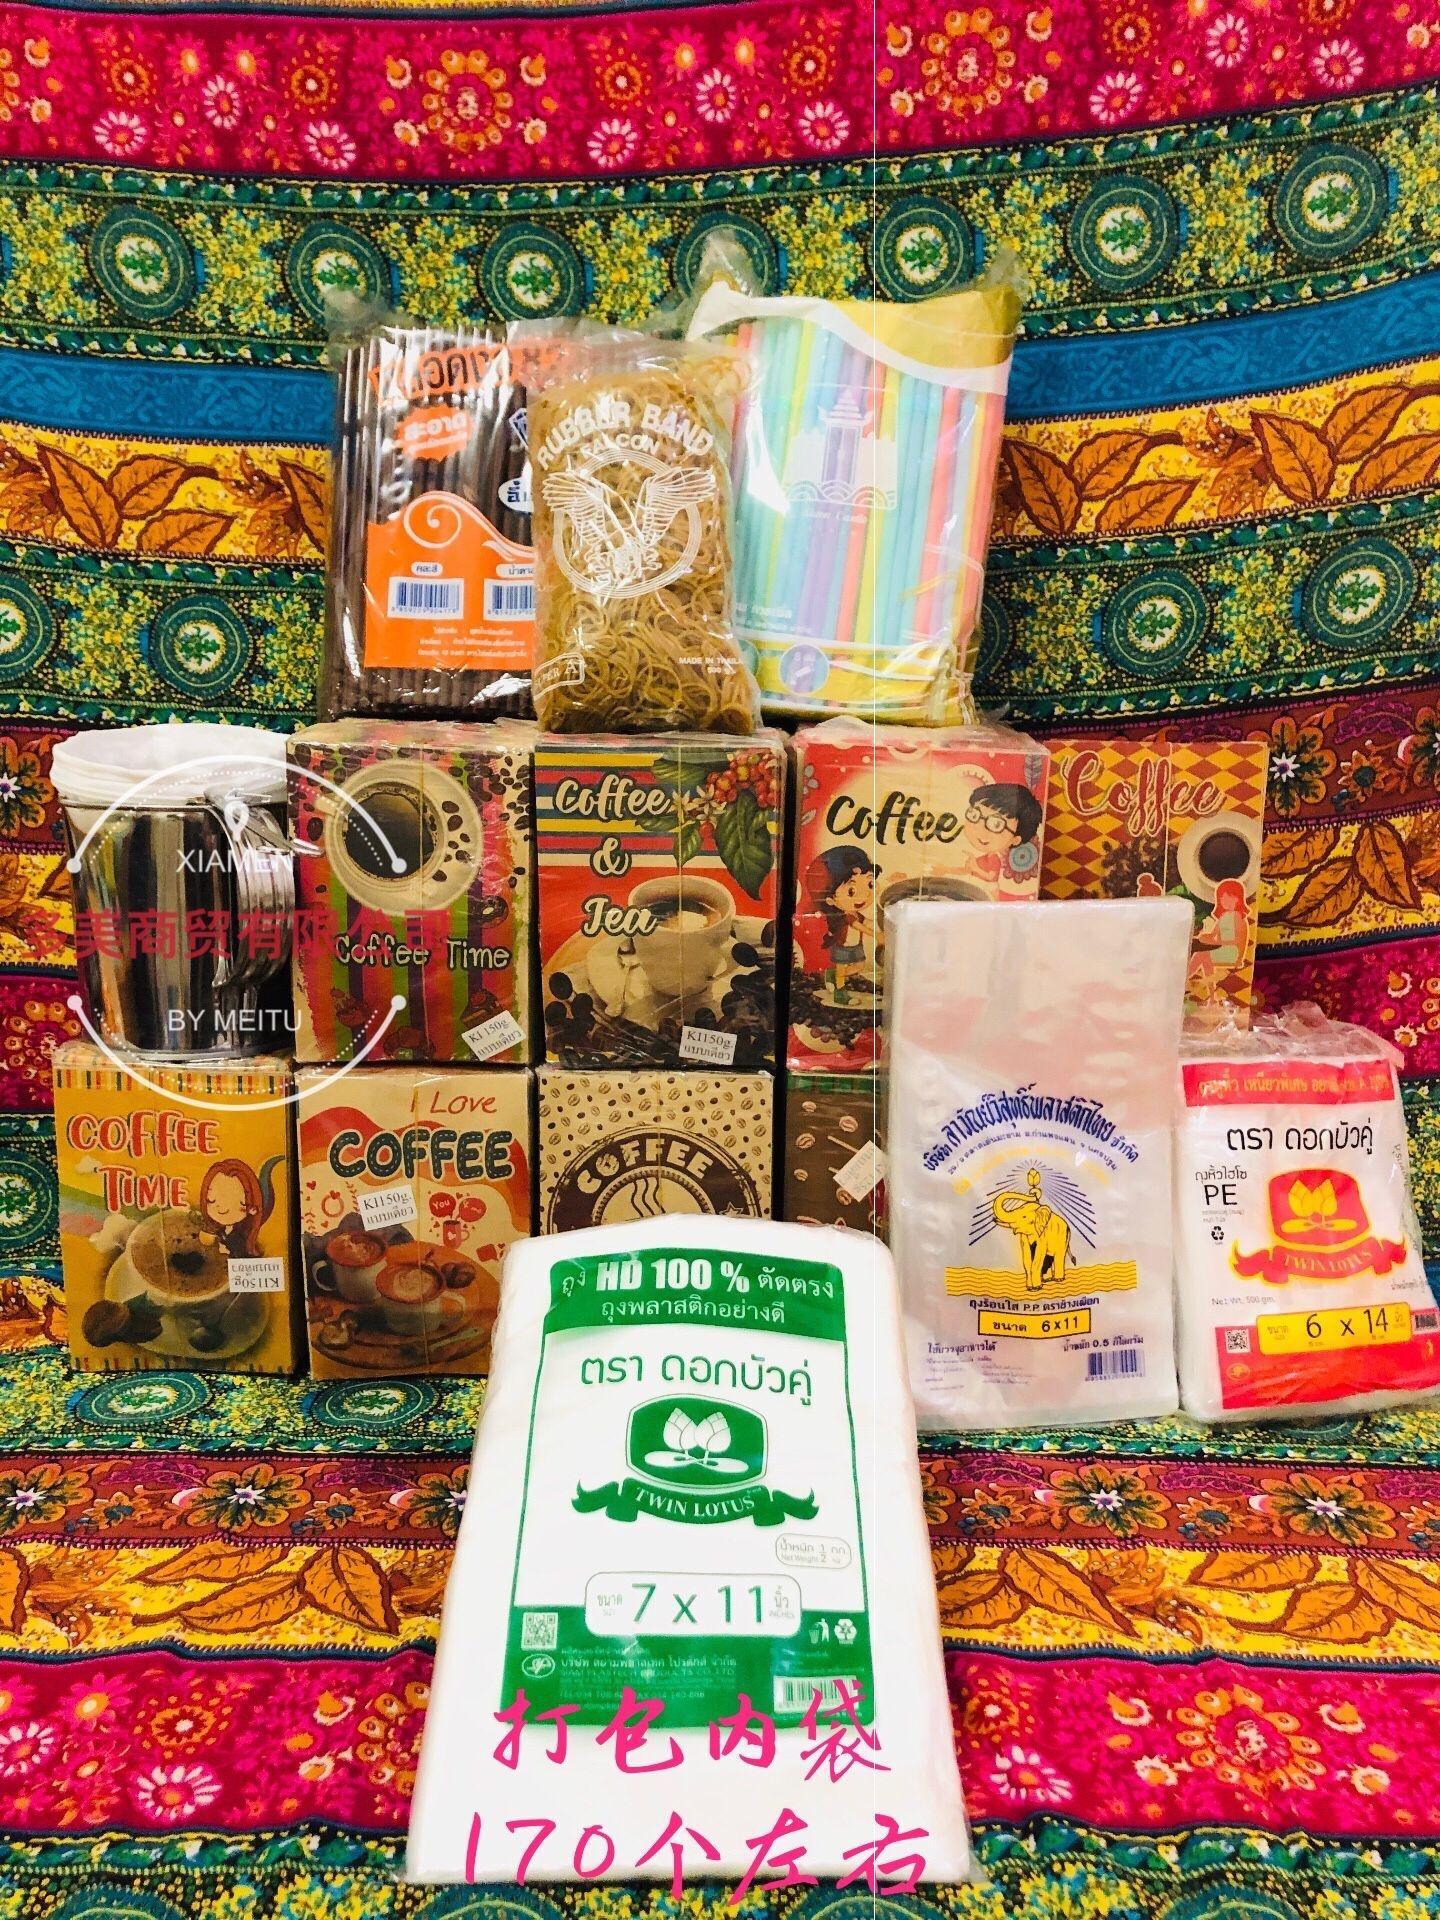 老挝咖啡纸袋泰国奶茶包装袋泰式奶茶袋东南亚手提袋袋子塑料袋